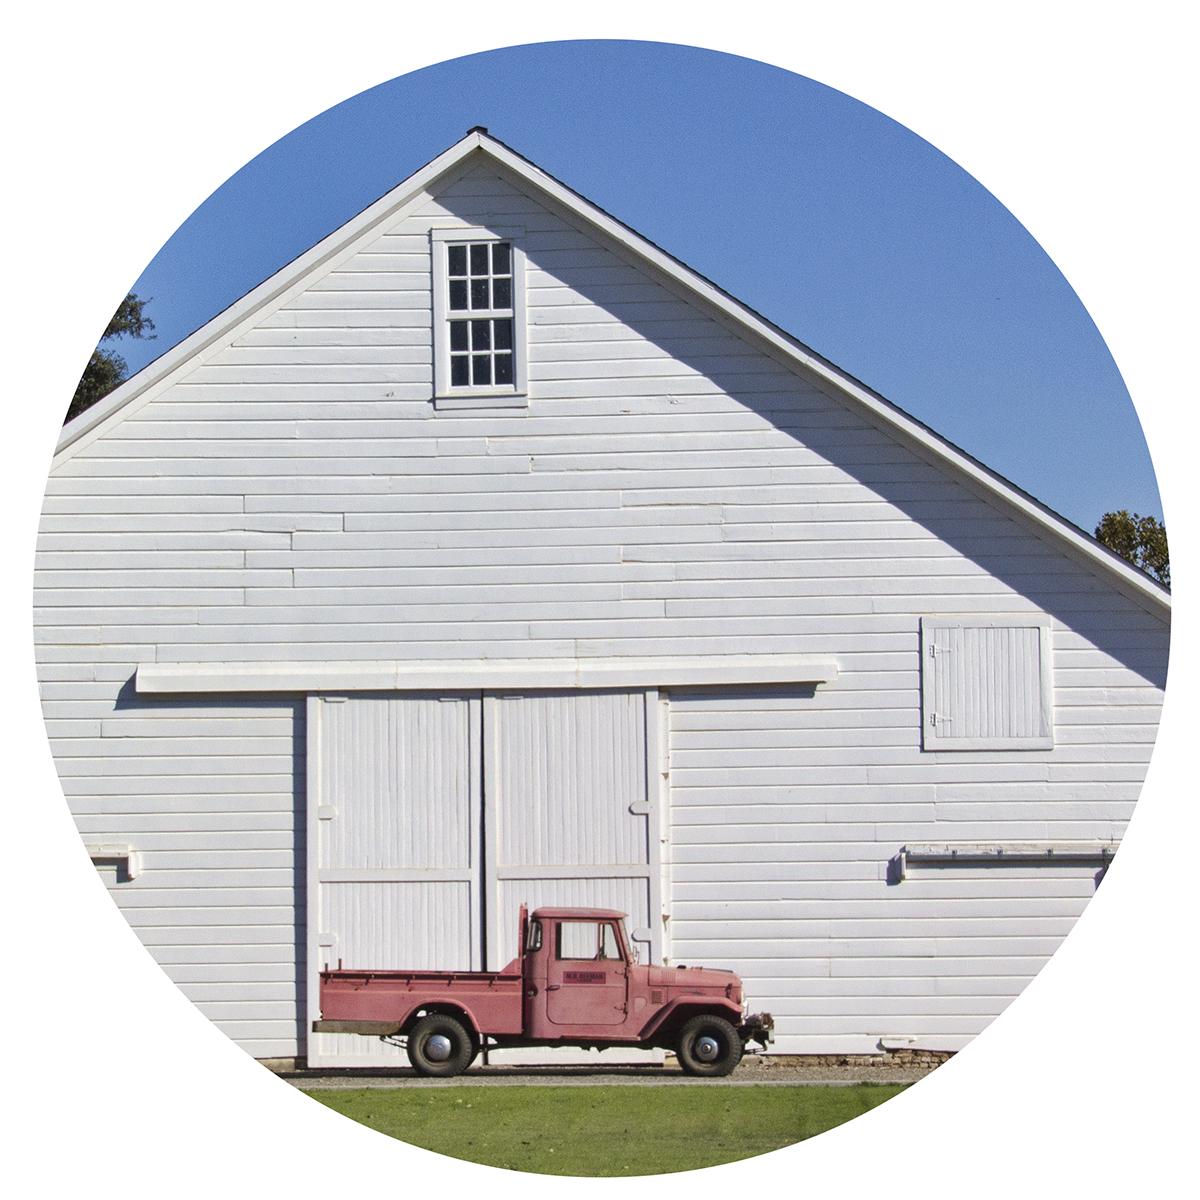 Rural Exposure, Danielle Collins, 2015